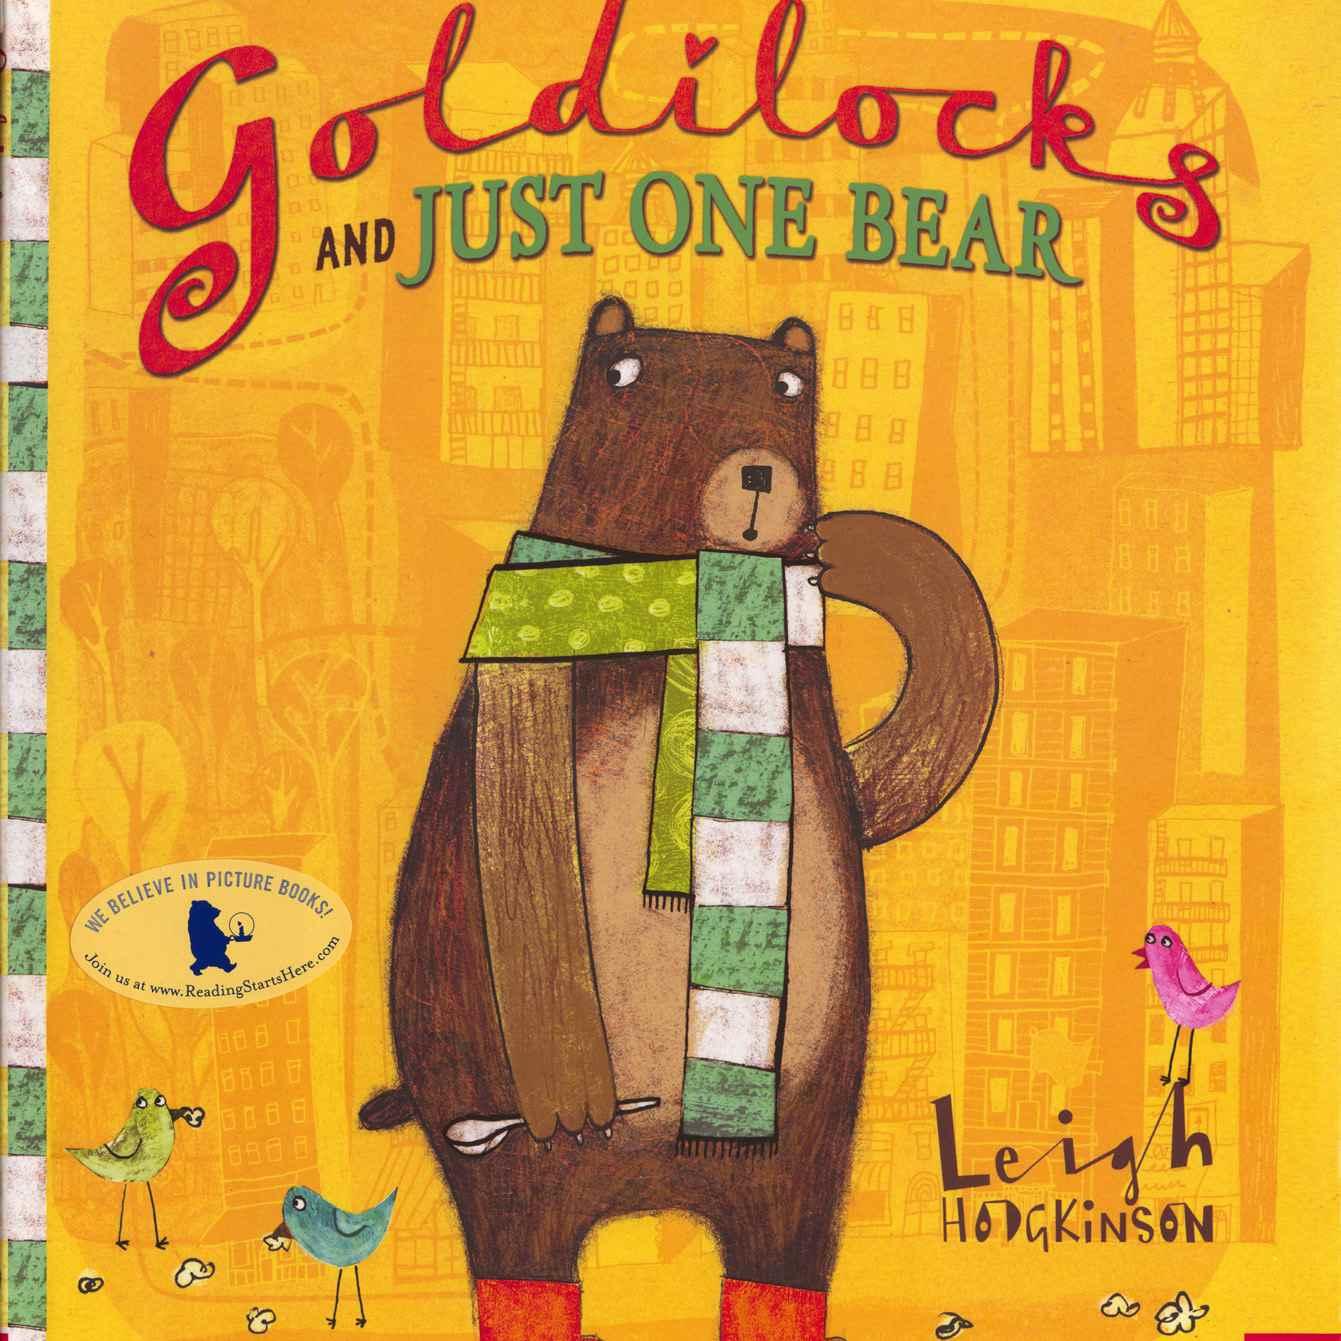 Goldlöckchen und Just Oe Bear